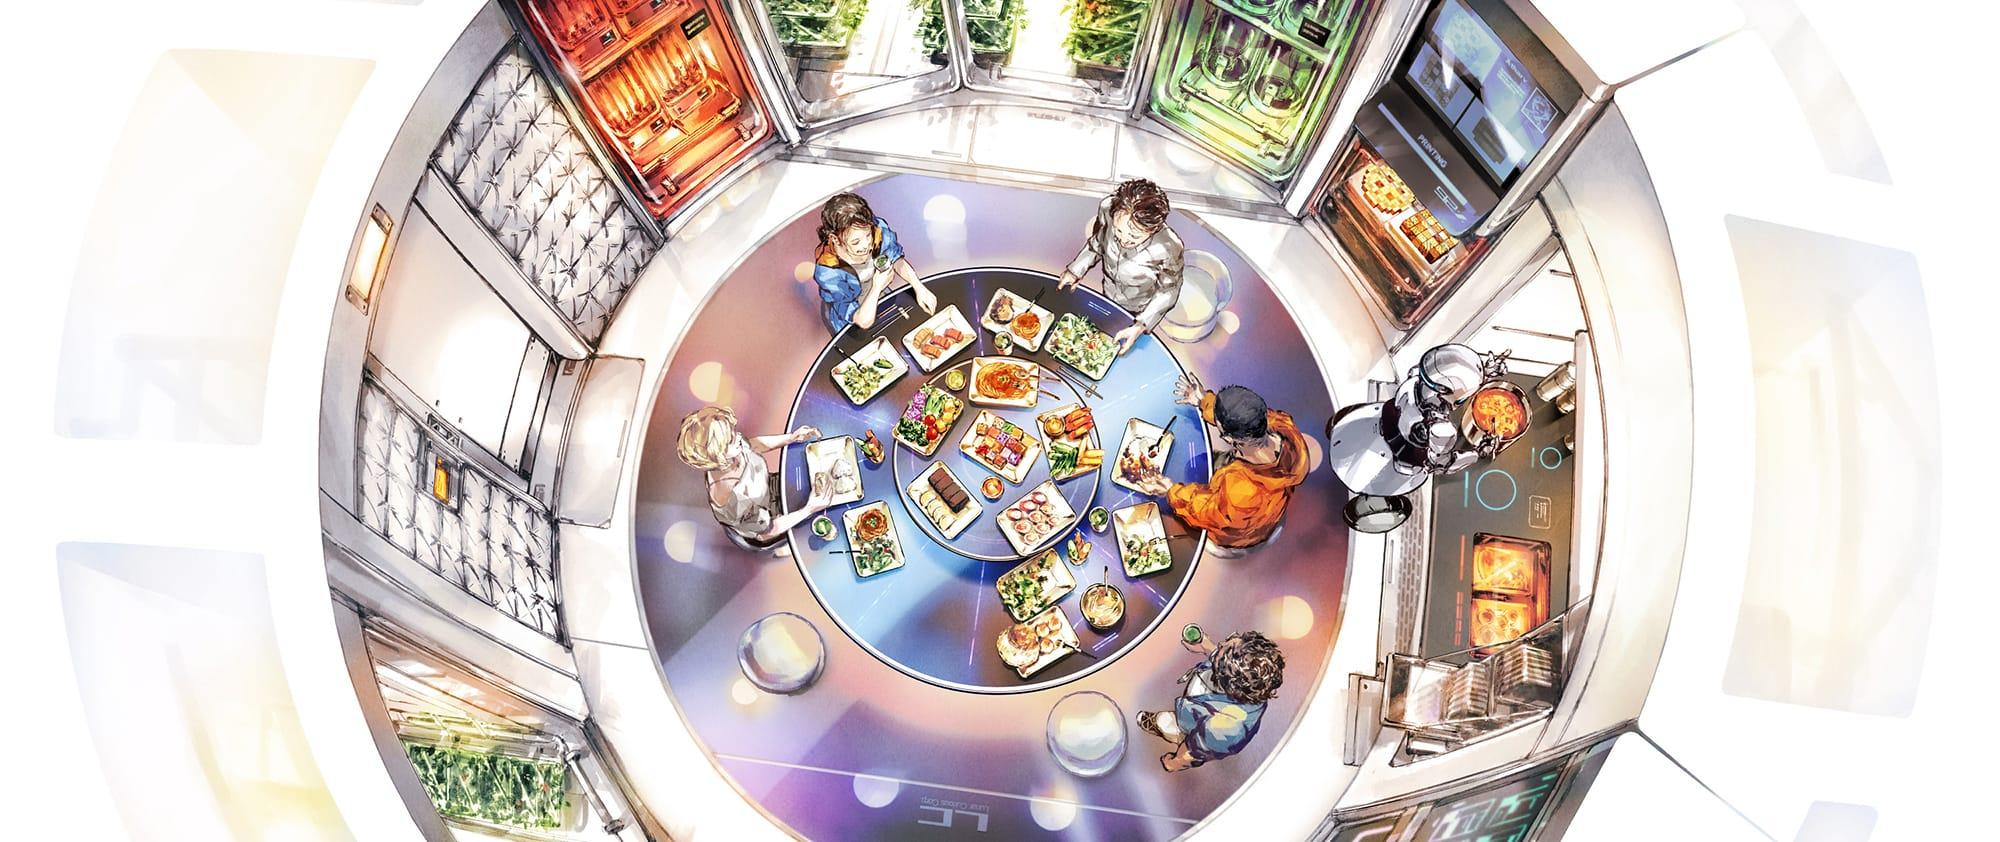 宇宙航空研究開発機構(JAXA)が参画するプロジェクト「Space Food X」未来の食卓。©︎Space Food X